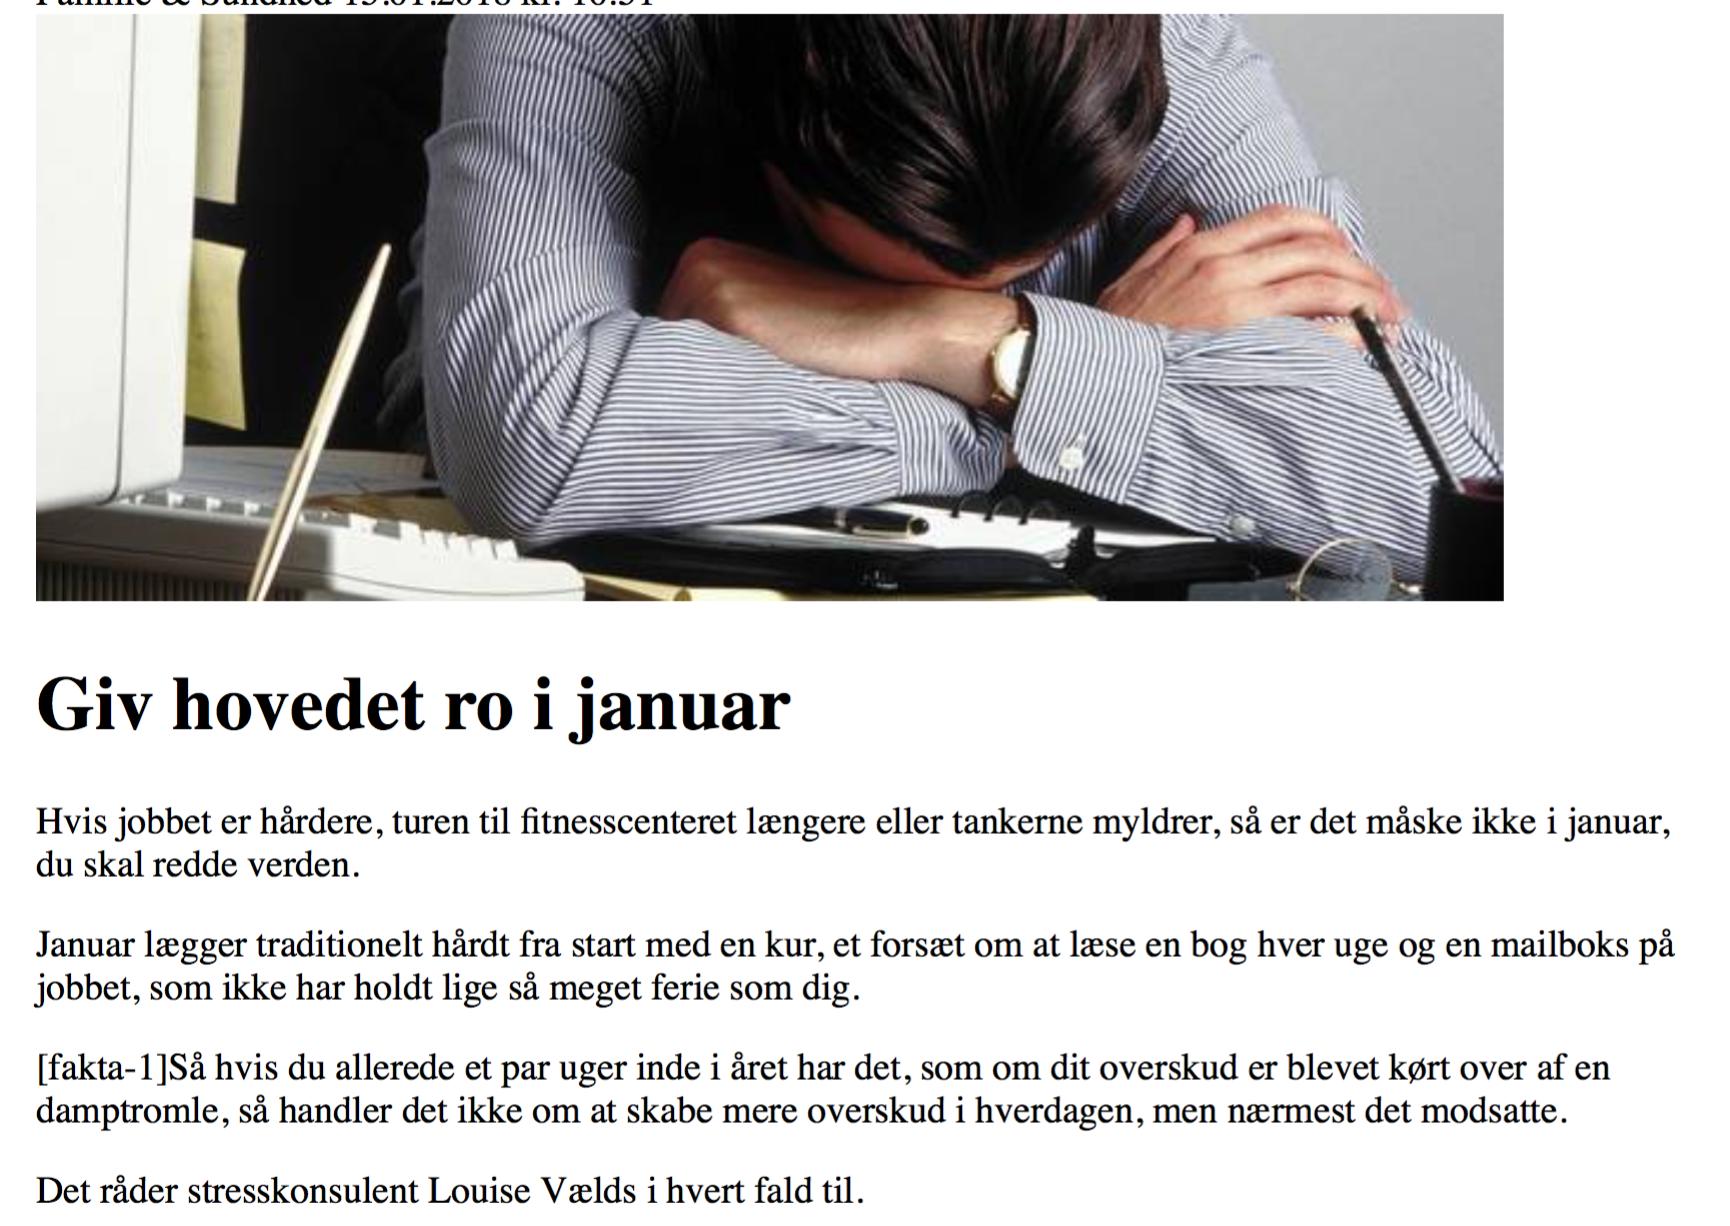 Artikel i Jyllandsposten